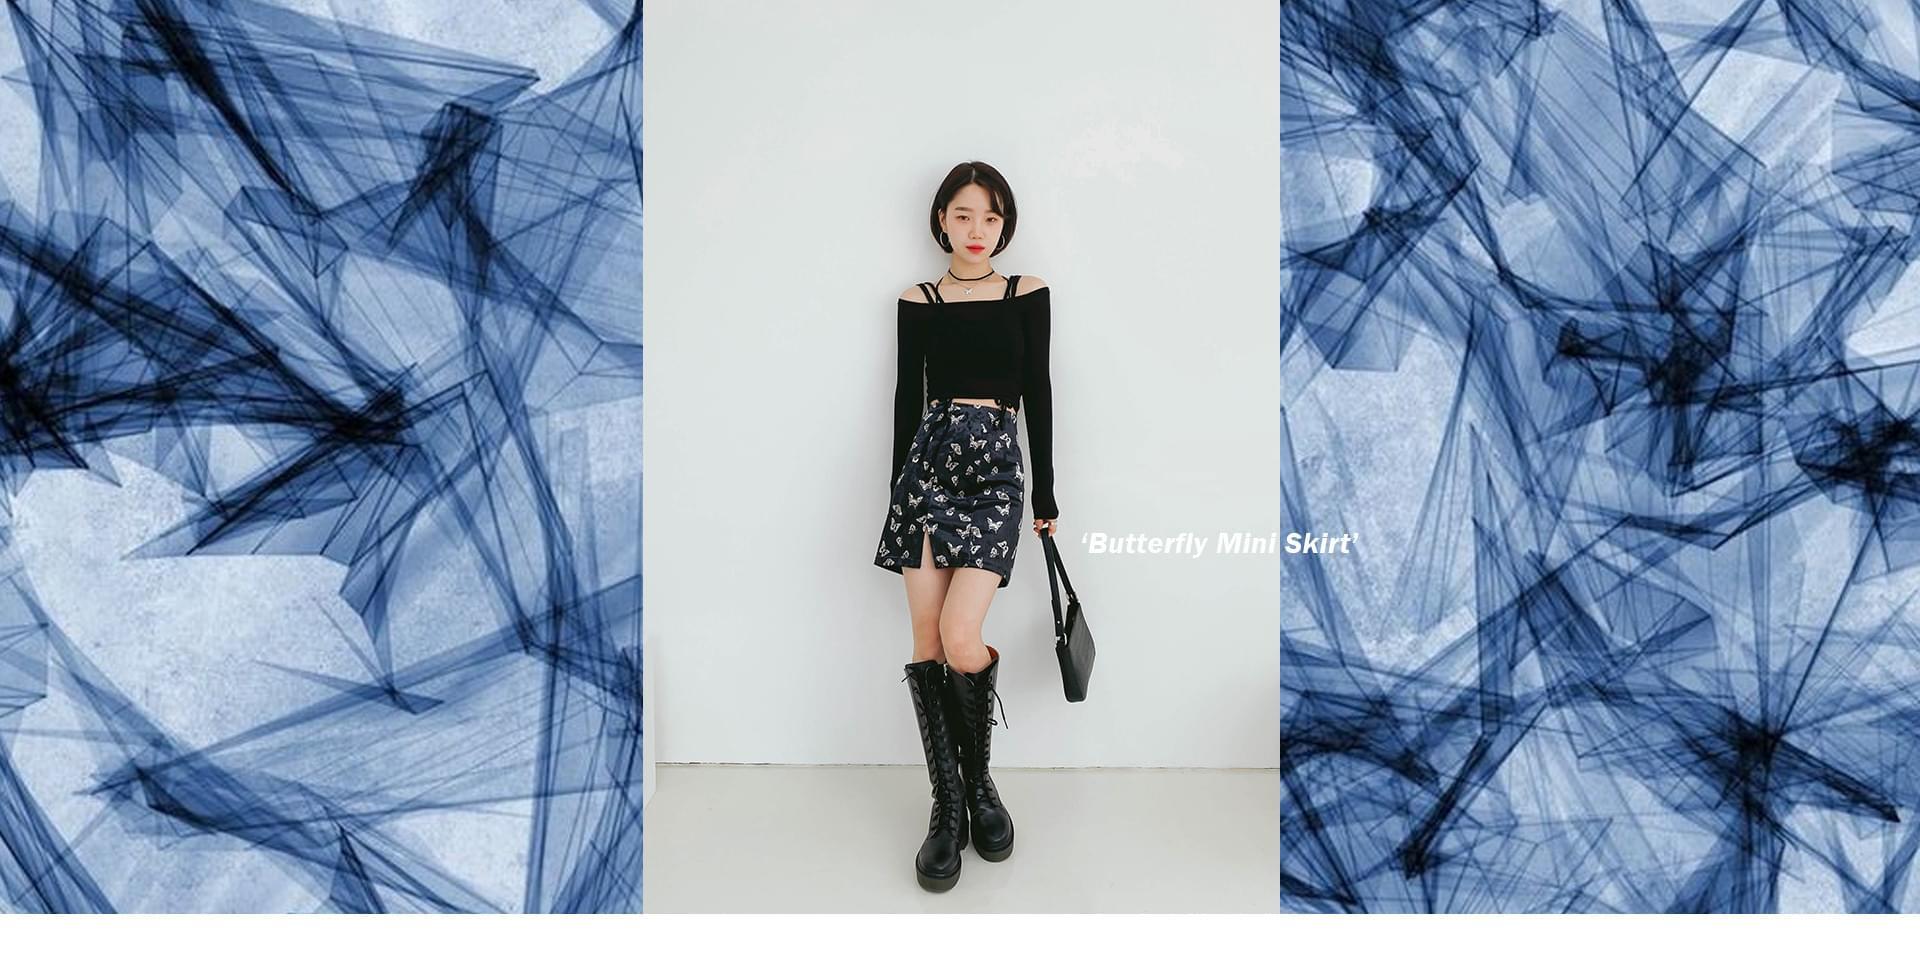 Twill Butterfly mini skirt スカート